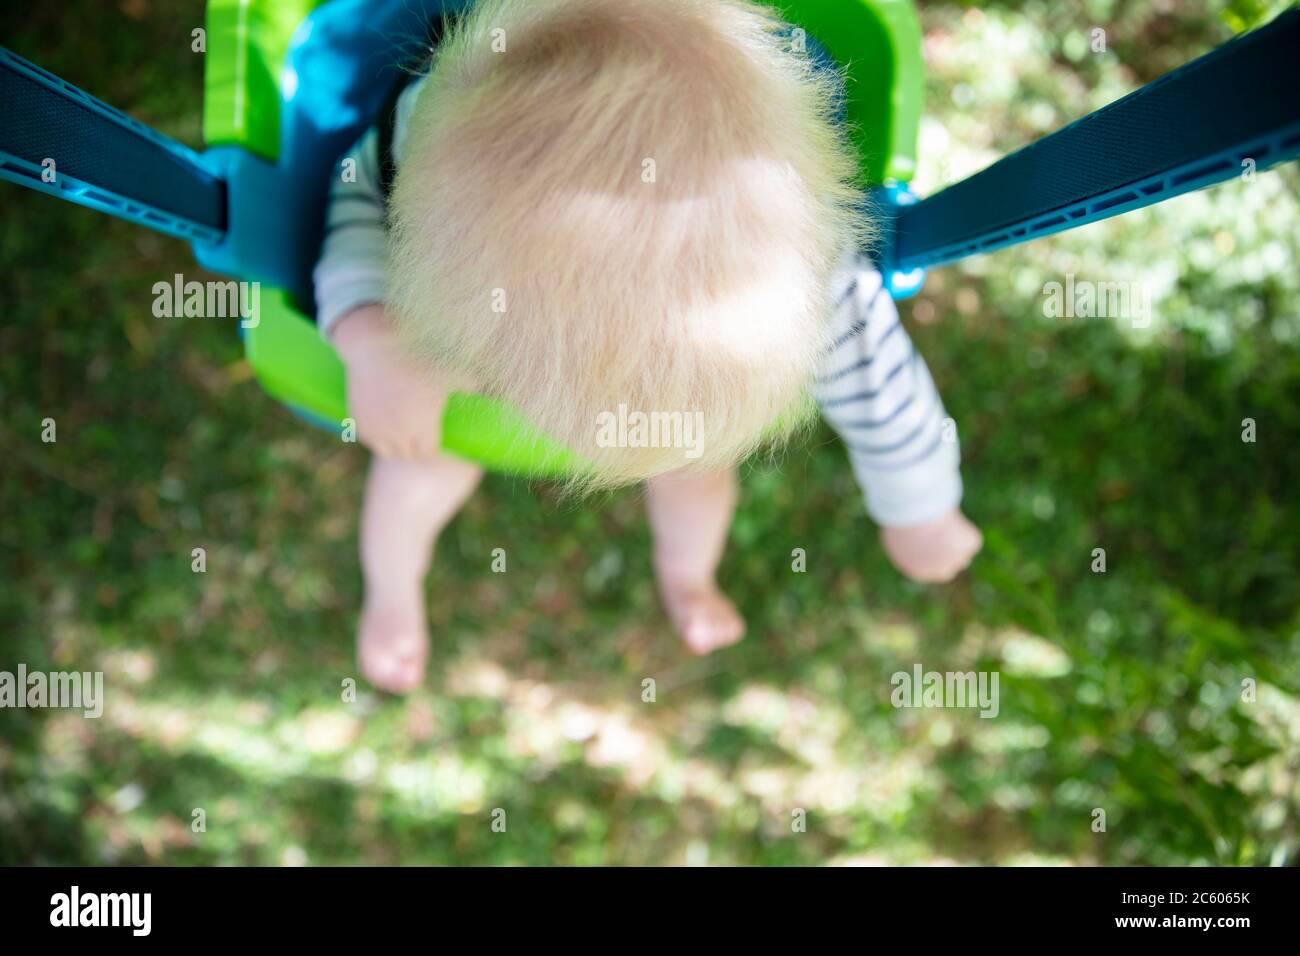 Un niño pequeño que se divierte jugando en un columpio bajo un árbol en un jardín Foto de stock